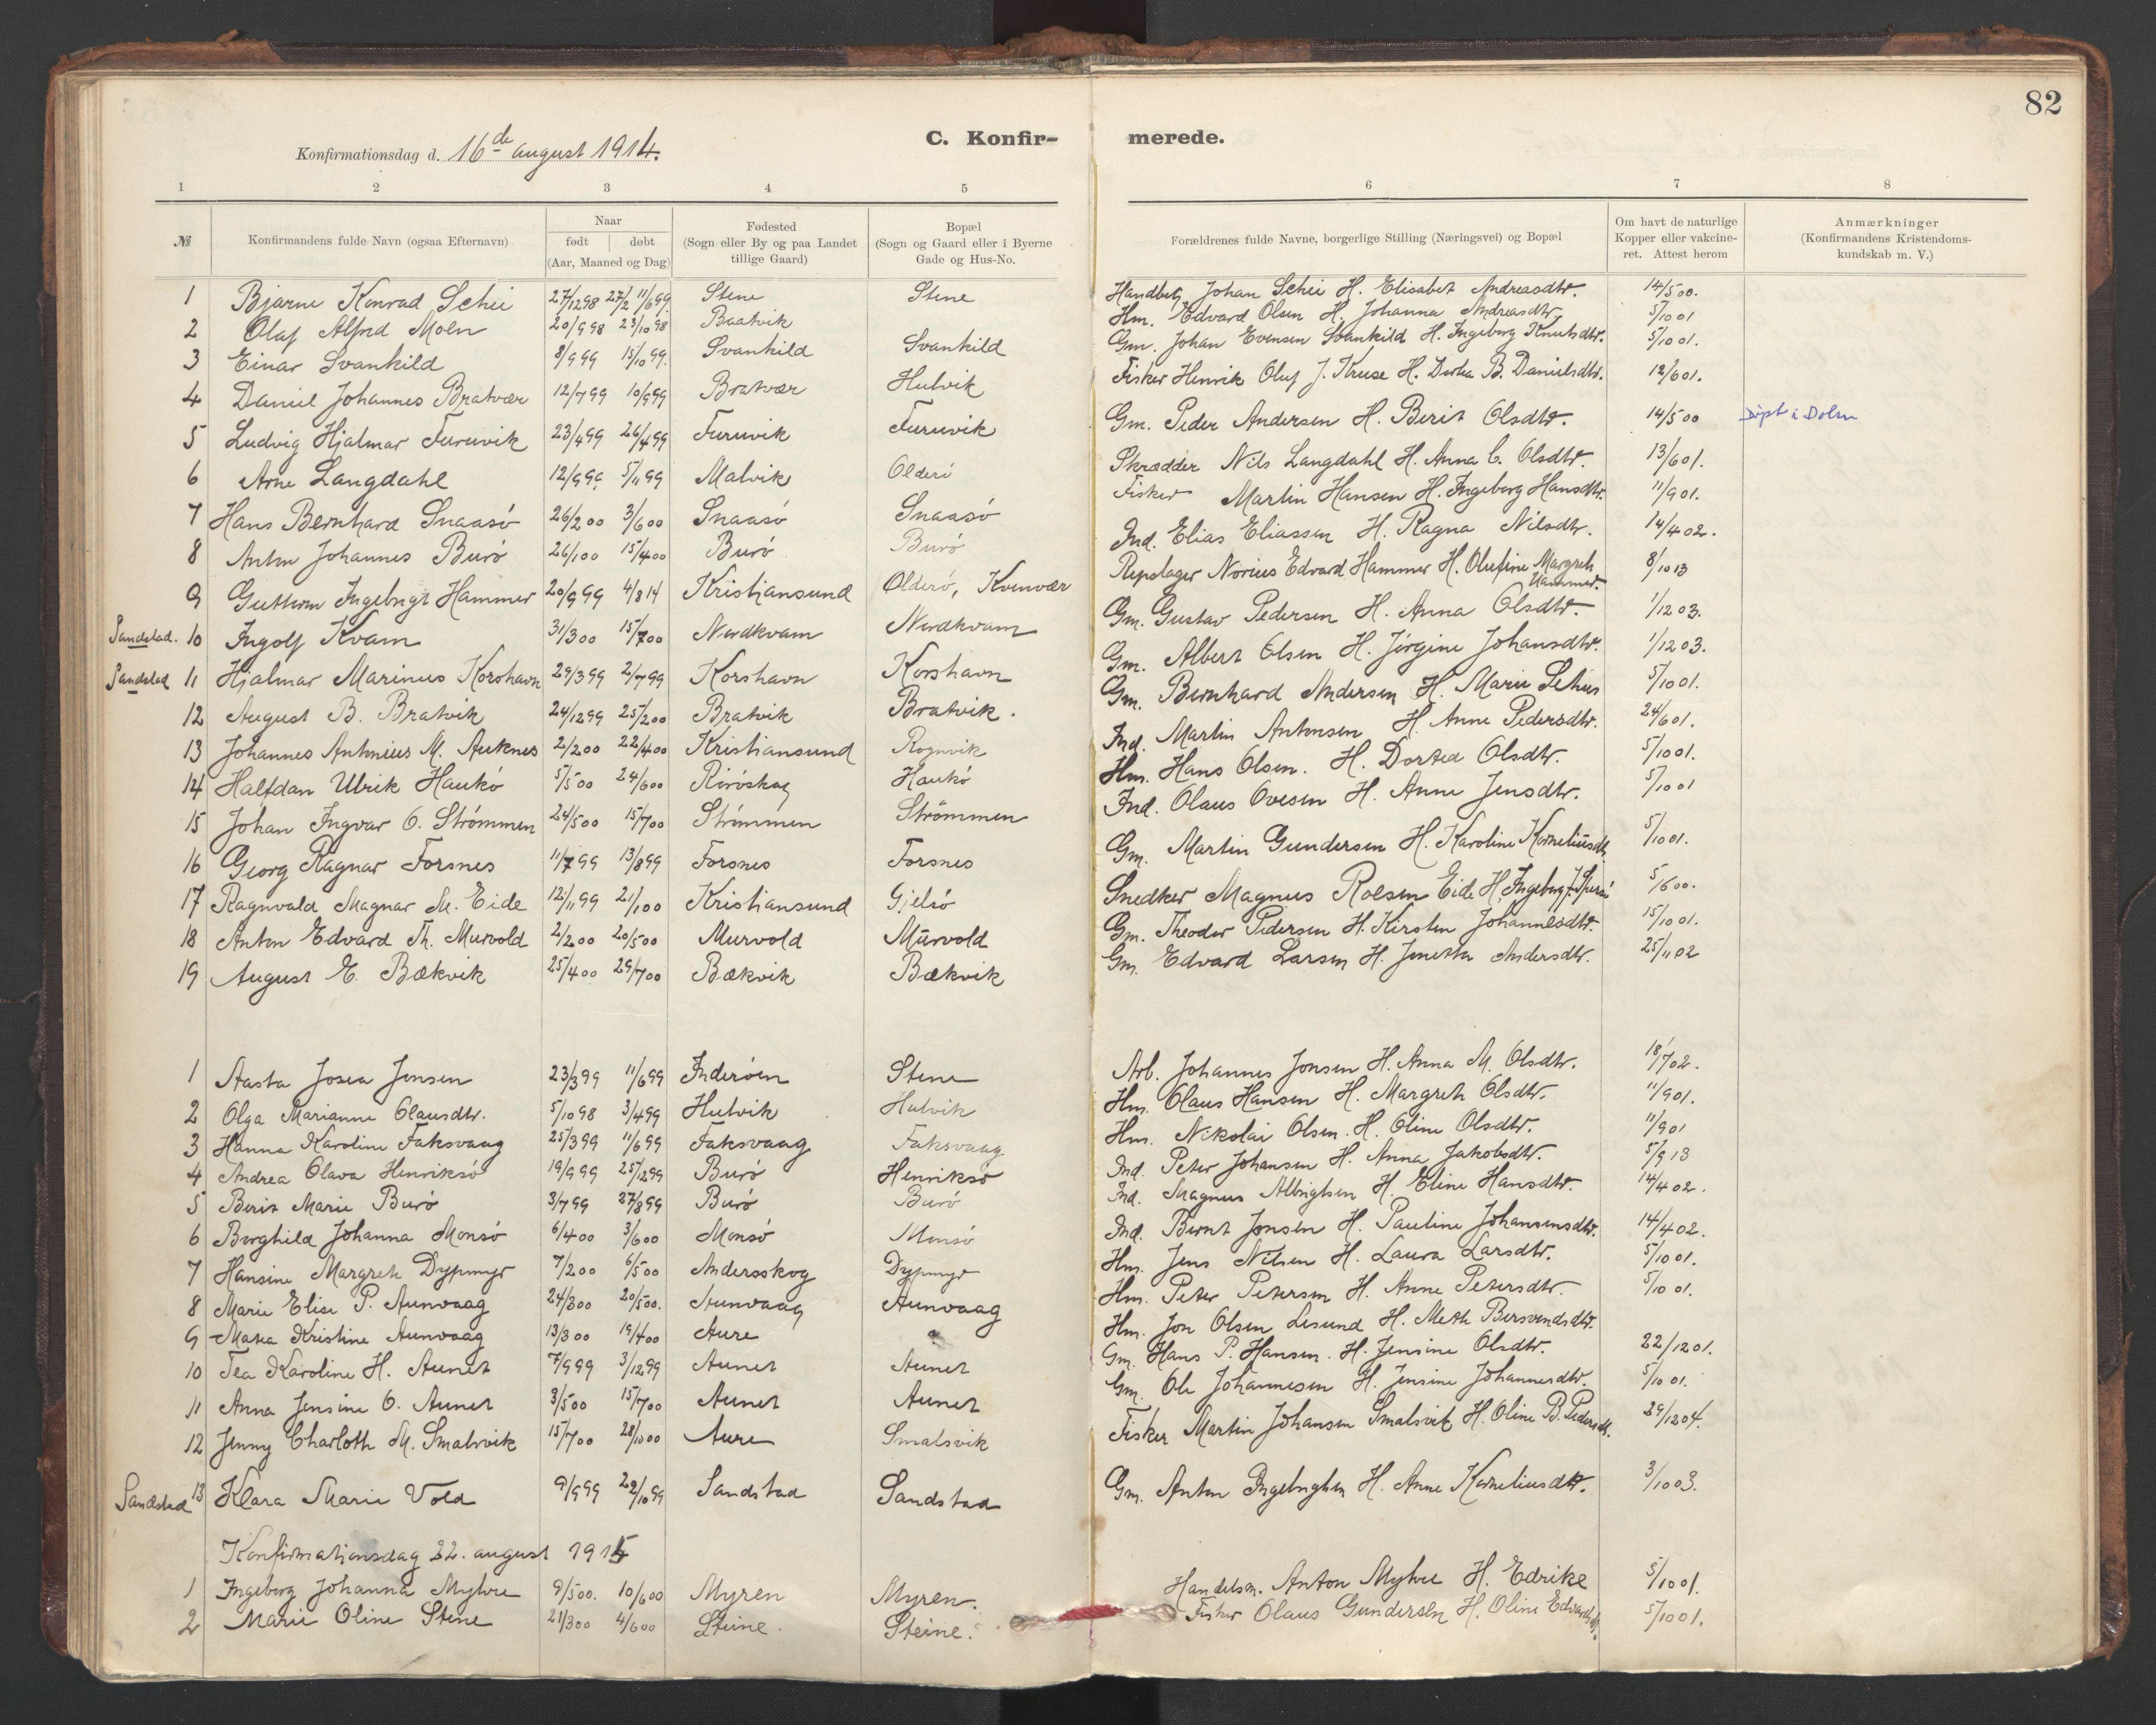 SAT, Ministerialprotokoller, klokkerbøker og fødselsregistre - Sør-Trøndelag, 635/L0552: Ministerialbok nr. 635A02, 1899-1919, s. 82